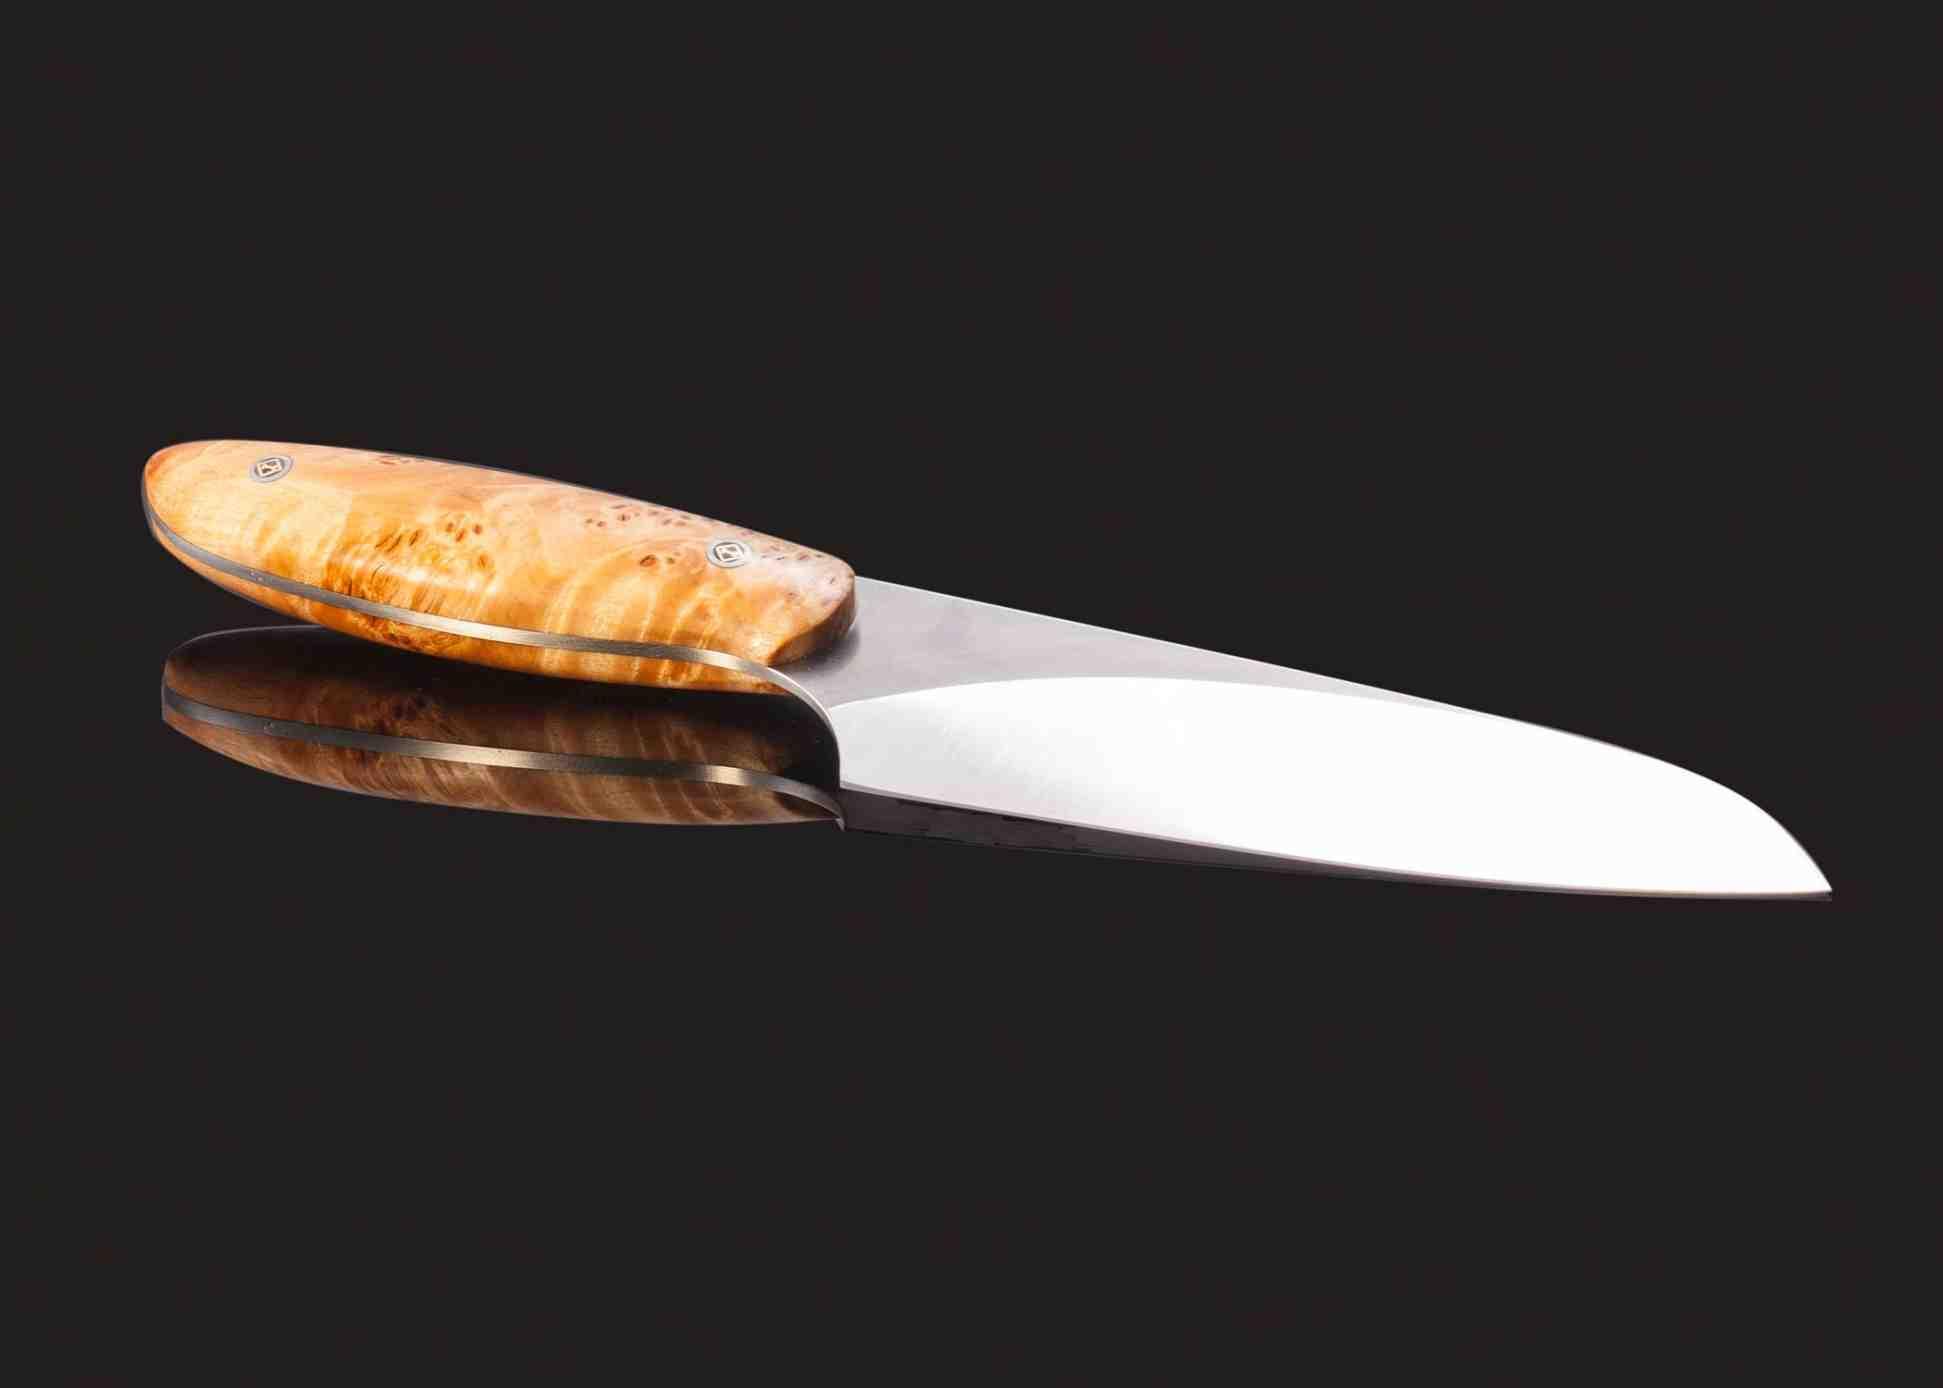 evolution chef knife 142 mm blade with blond maple burl handle haslinger knives. Black Bedroom Furniture Sets. Home Design Ideas